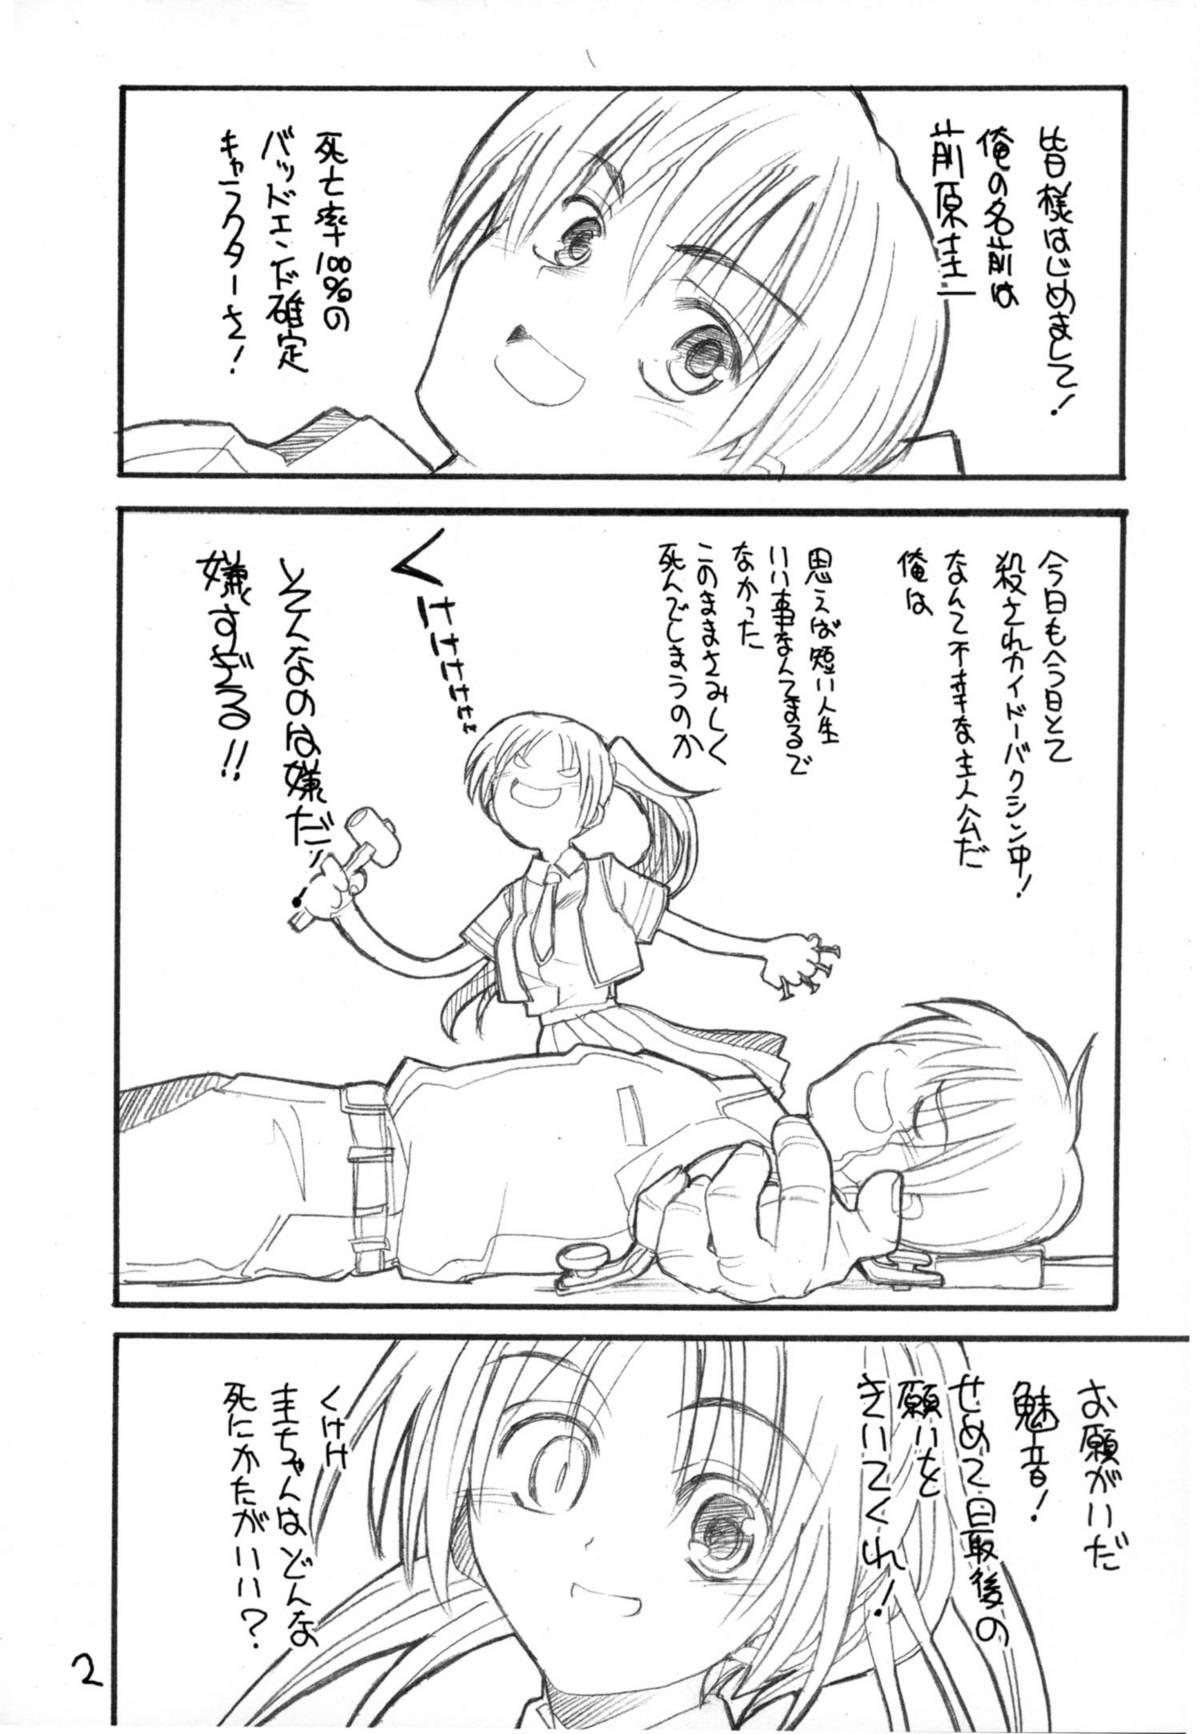 Toppatsu Tekitoukopii hon Higurashi wa ta Nagashi Happy End e no Kousatsu 1